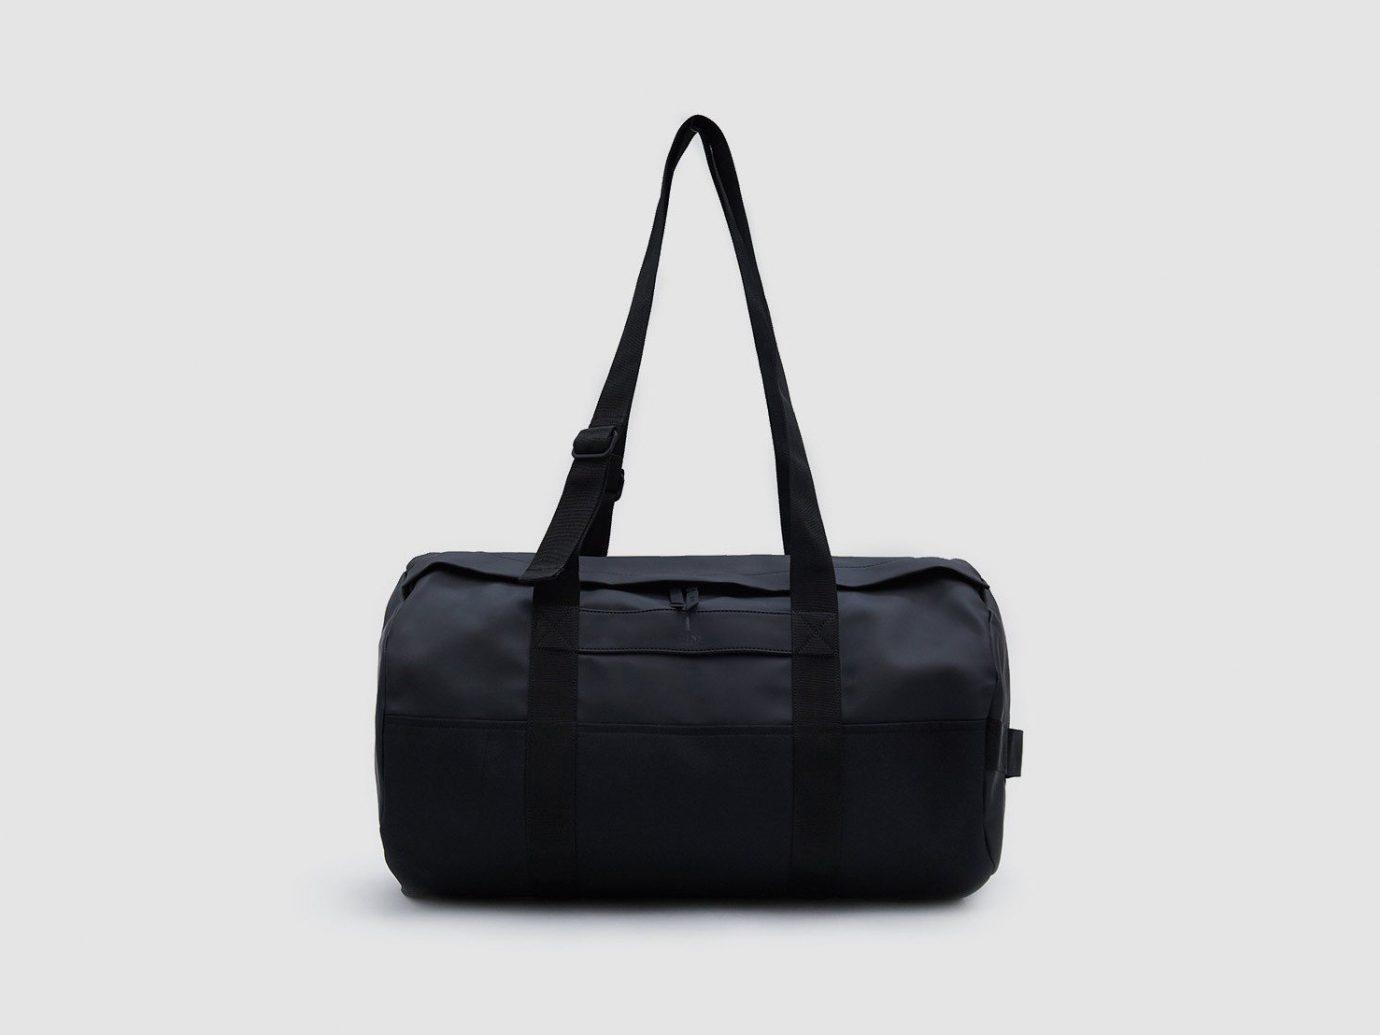 1813089ee39 Packing Tips Style + Design Travel Shop bag black shoulder bag handbag  product fashion accessory leather